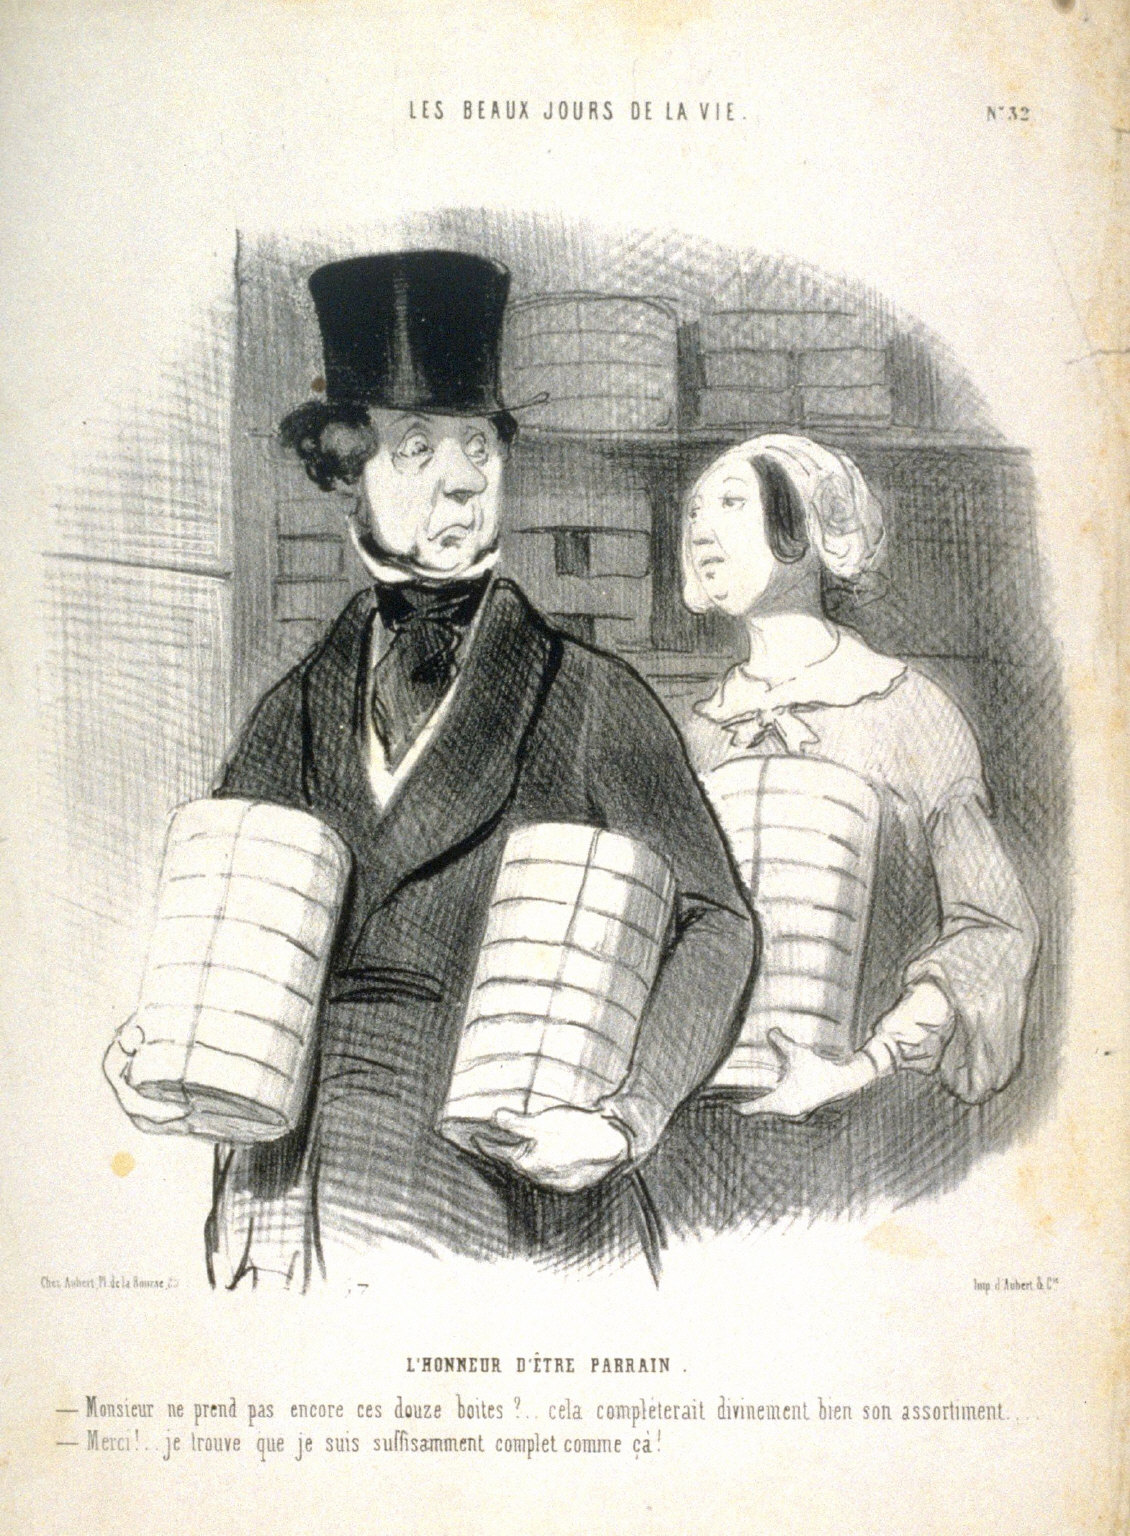 LHONEEUR D?TRE PARRAIN, no. 32 from the series LES BEAUX JOURS DE LA VIE., published in Le Charivari 15 November 1844